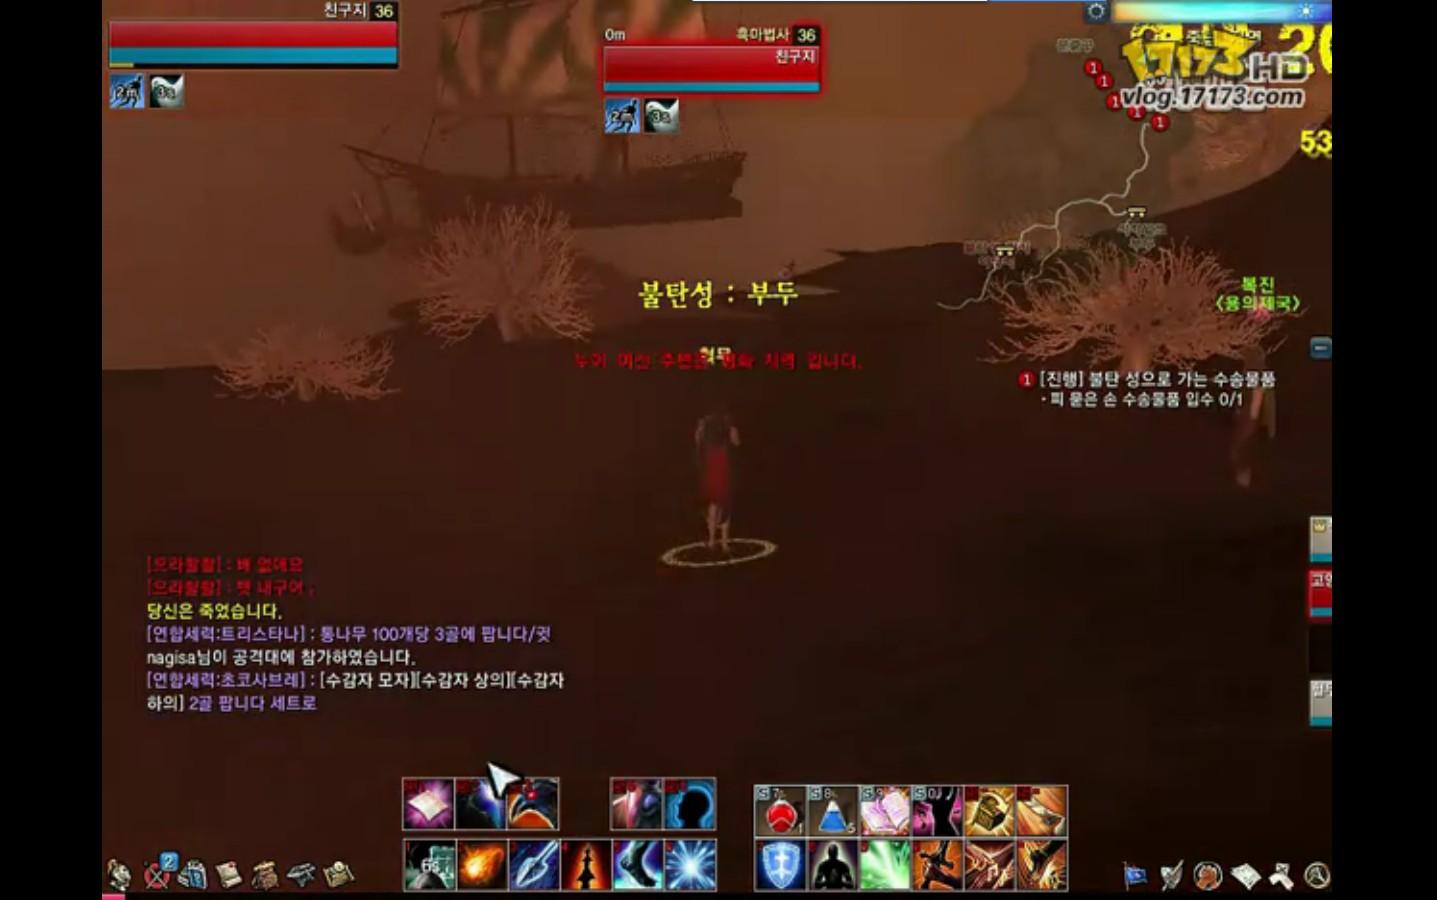 [纳兰]《上古》CBT4公会战!国人PK韩服玩家!